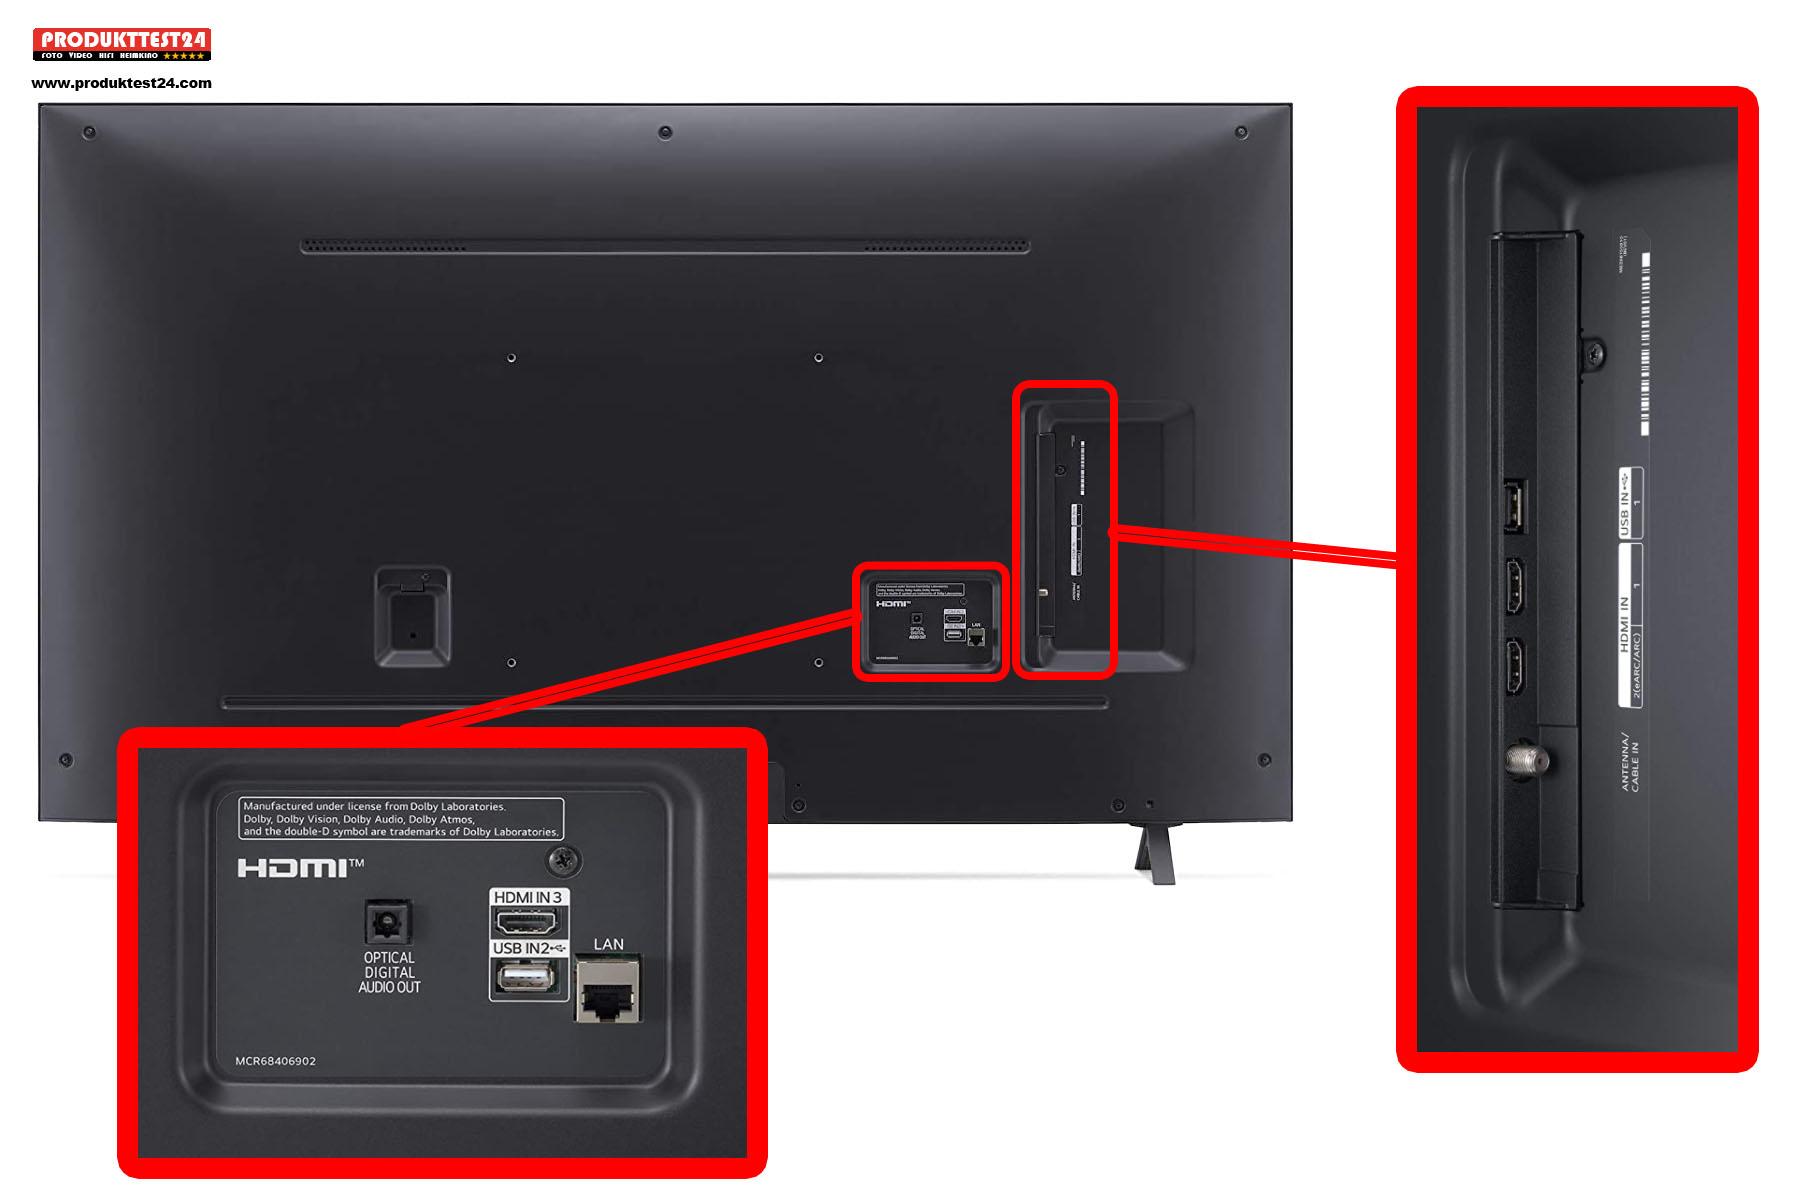 Die Anschlüsse auf der Rückseite des Nano75 Fernsehers